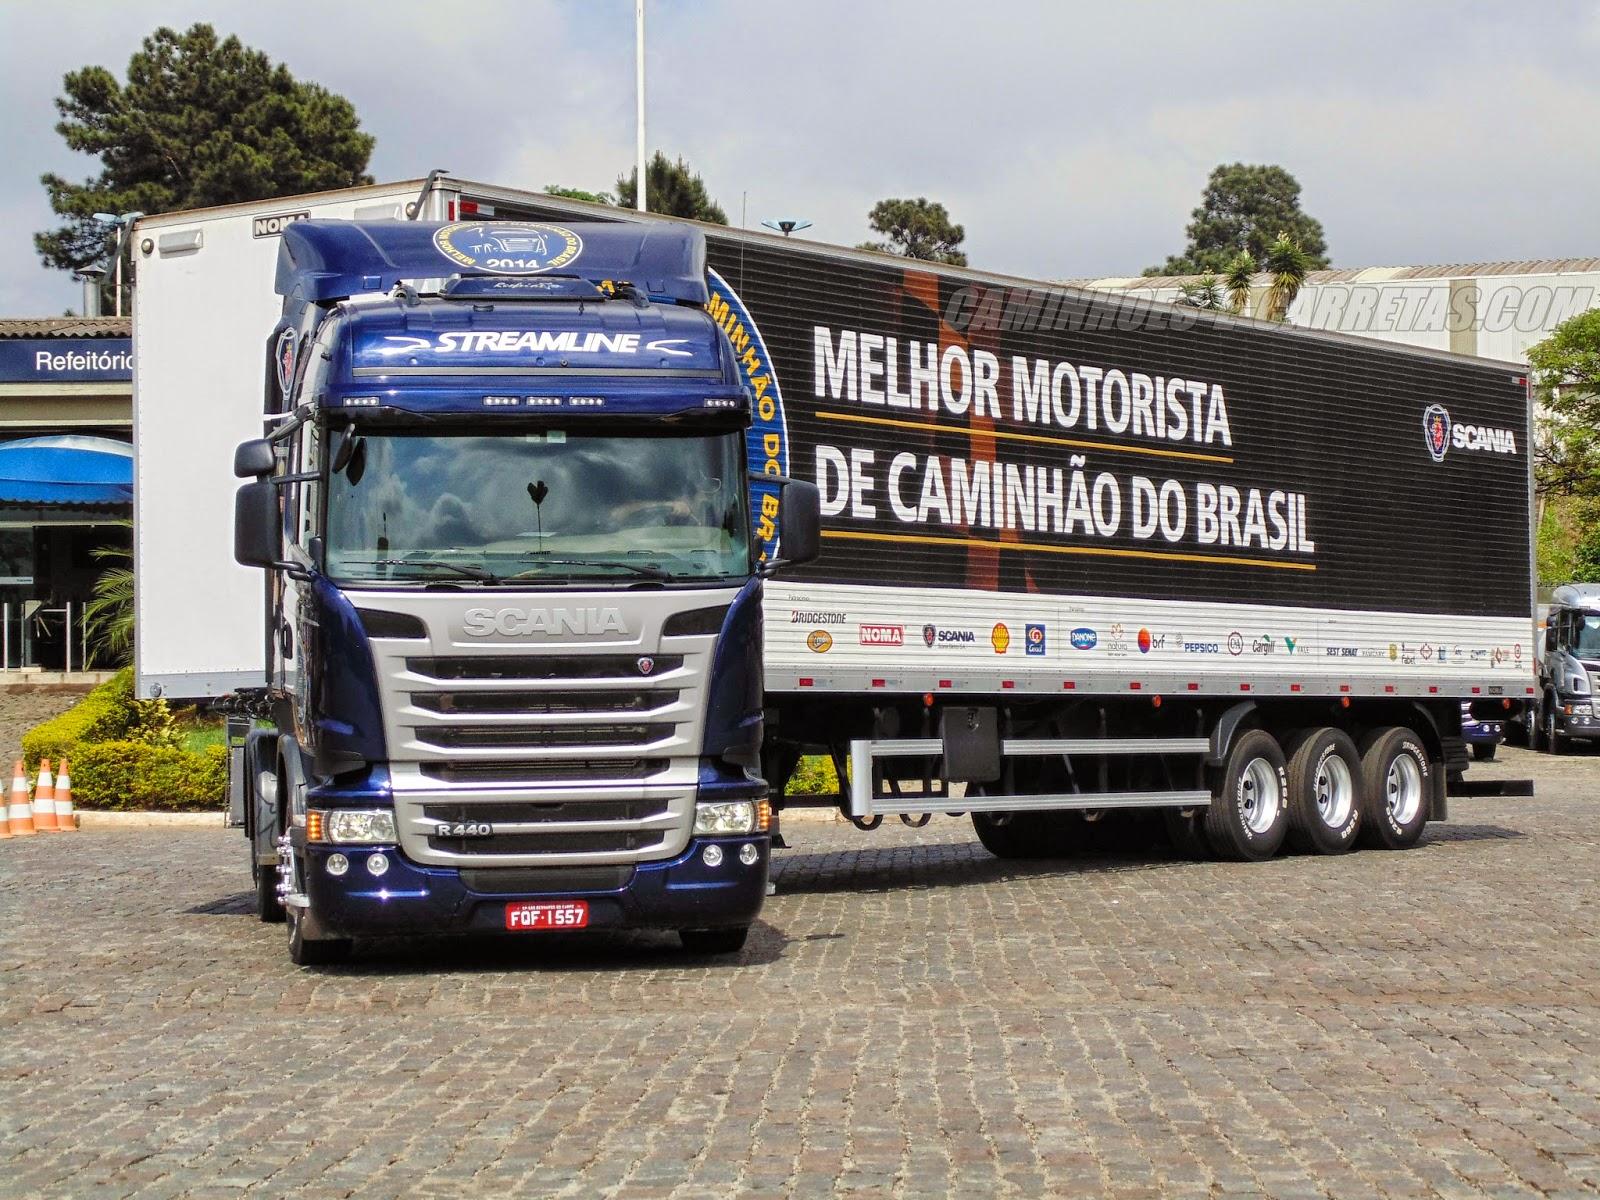 Scania realiza sexta edição da competição de Melhor  Motorista de Caminhão do Brasil este ano